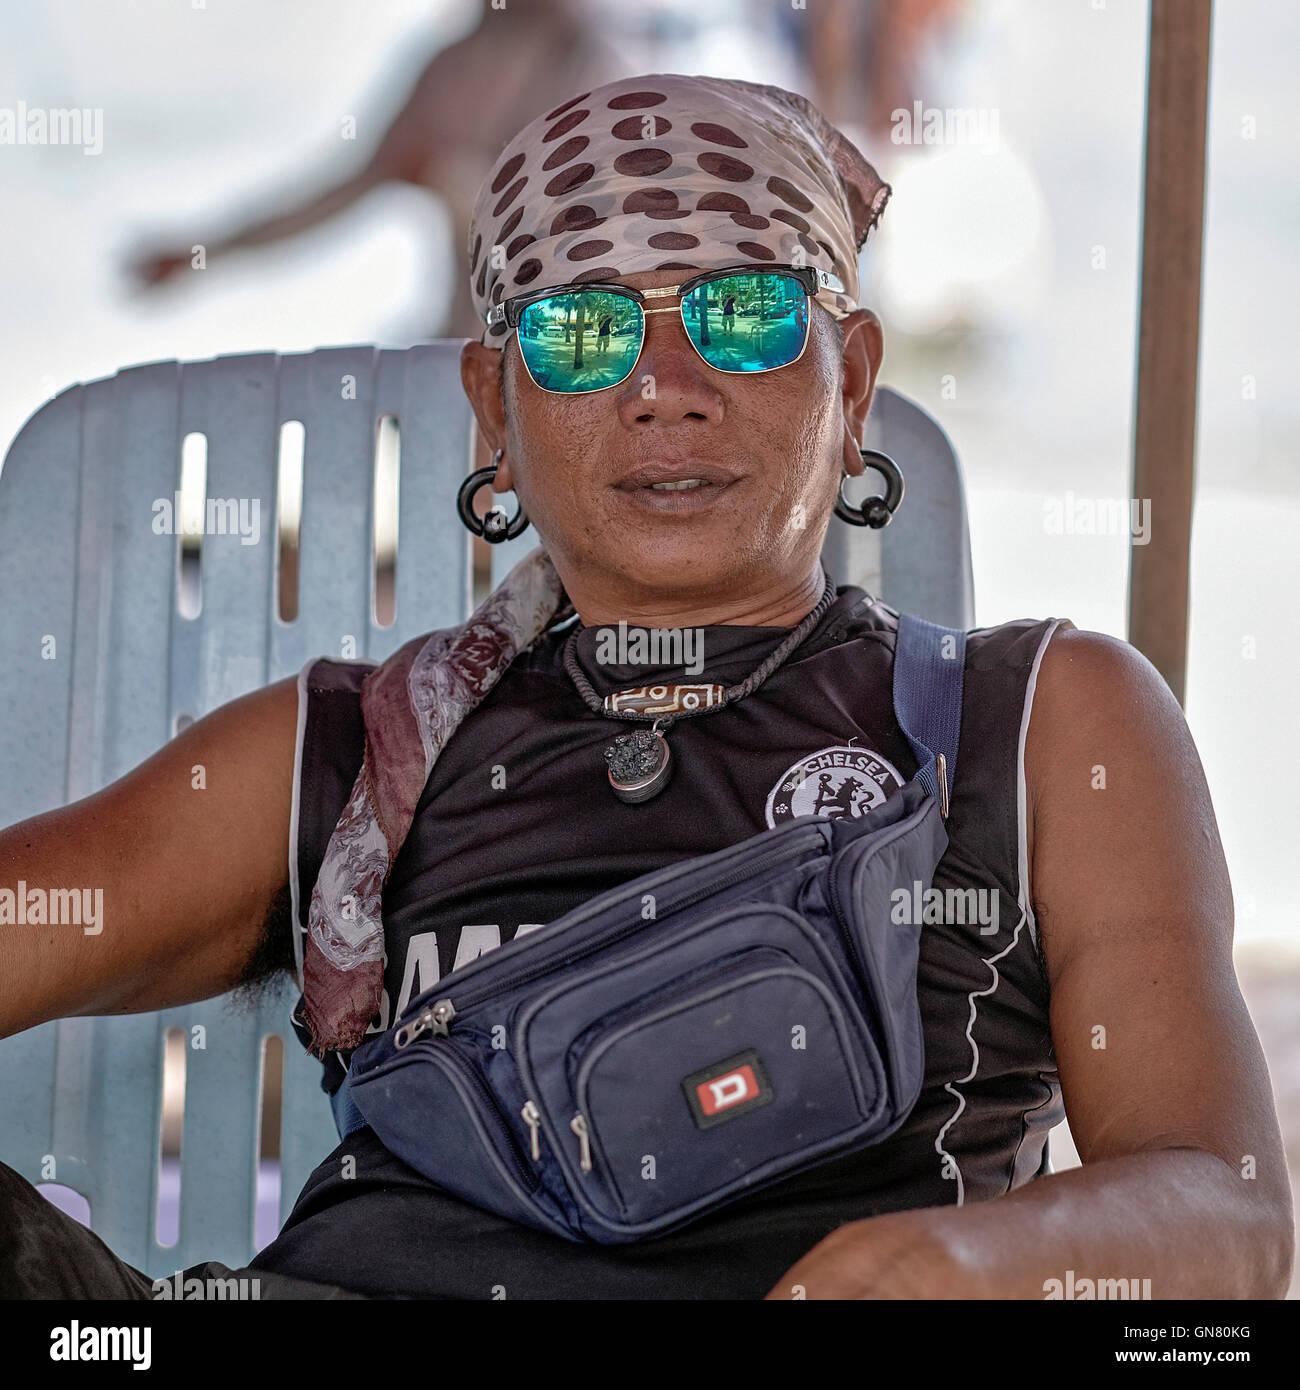 Thai man with green tinted Polaroid sunglasses. Thailand S. E. Asia. - Stock Image